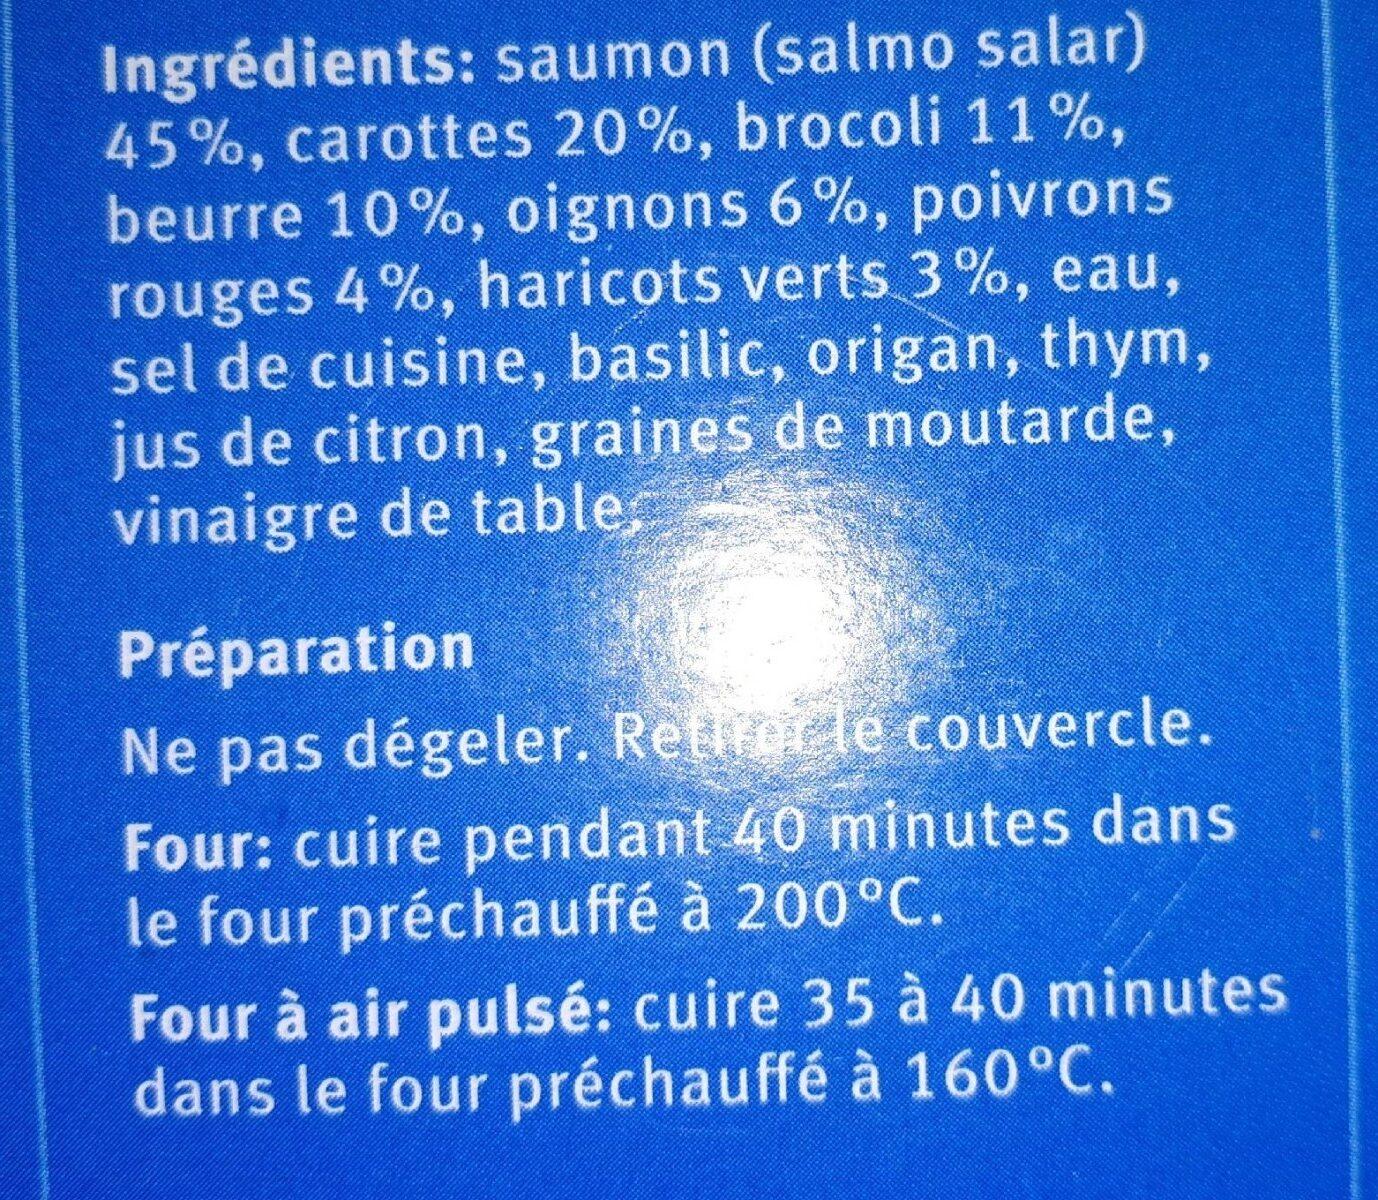 Filet de saumon avec beurre aux herbes et légumes - Ingredients